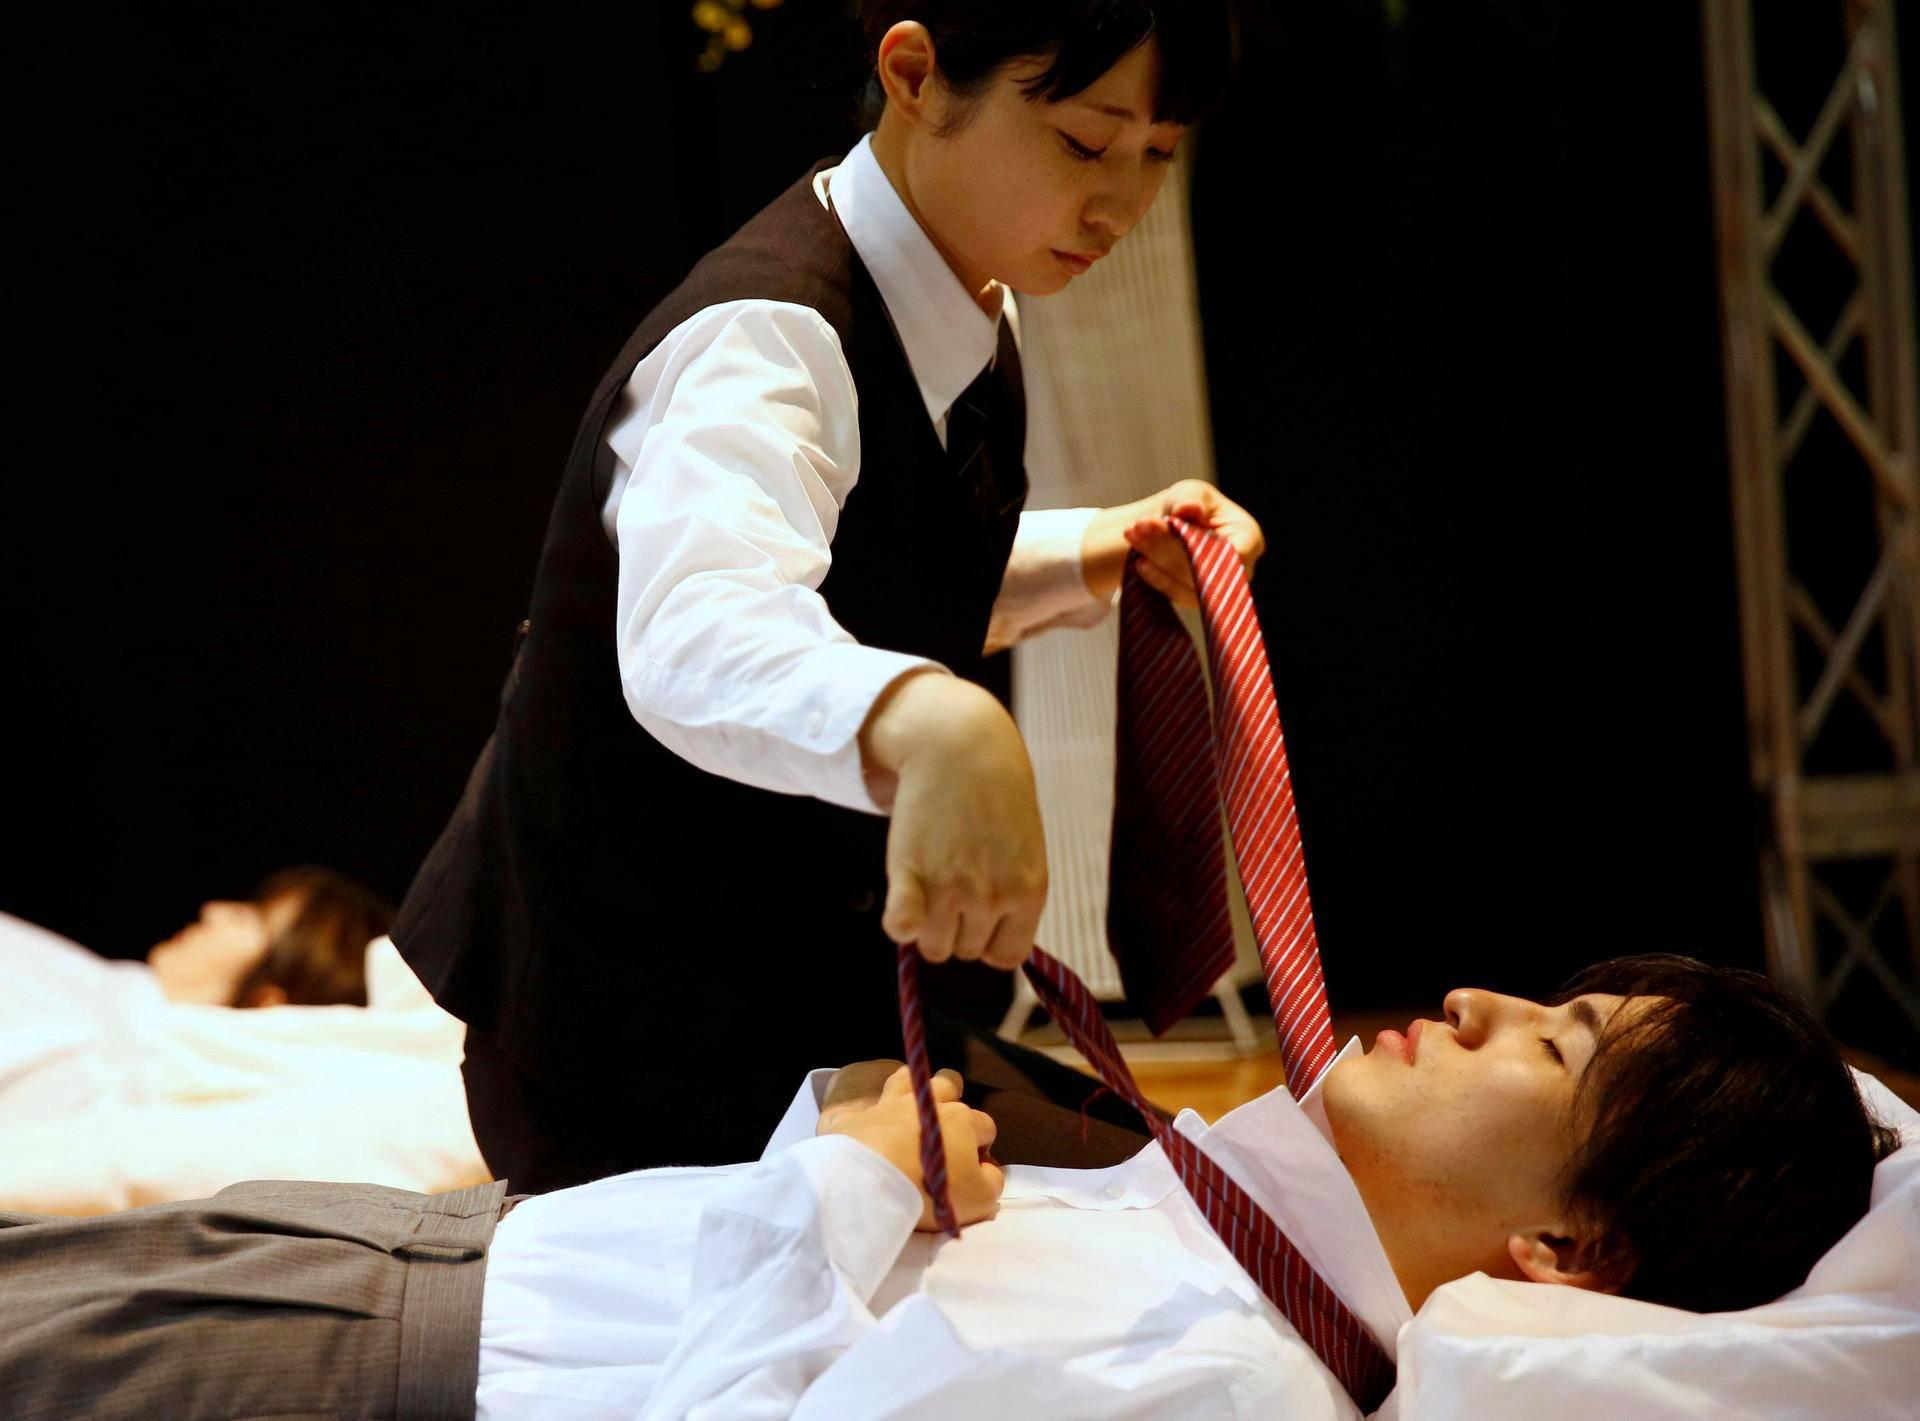 Hautausurakoitsija puki malliaan alan kilpailussa Life Ending Industry EXPO -tapahtumassa Japanissa.